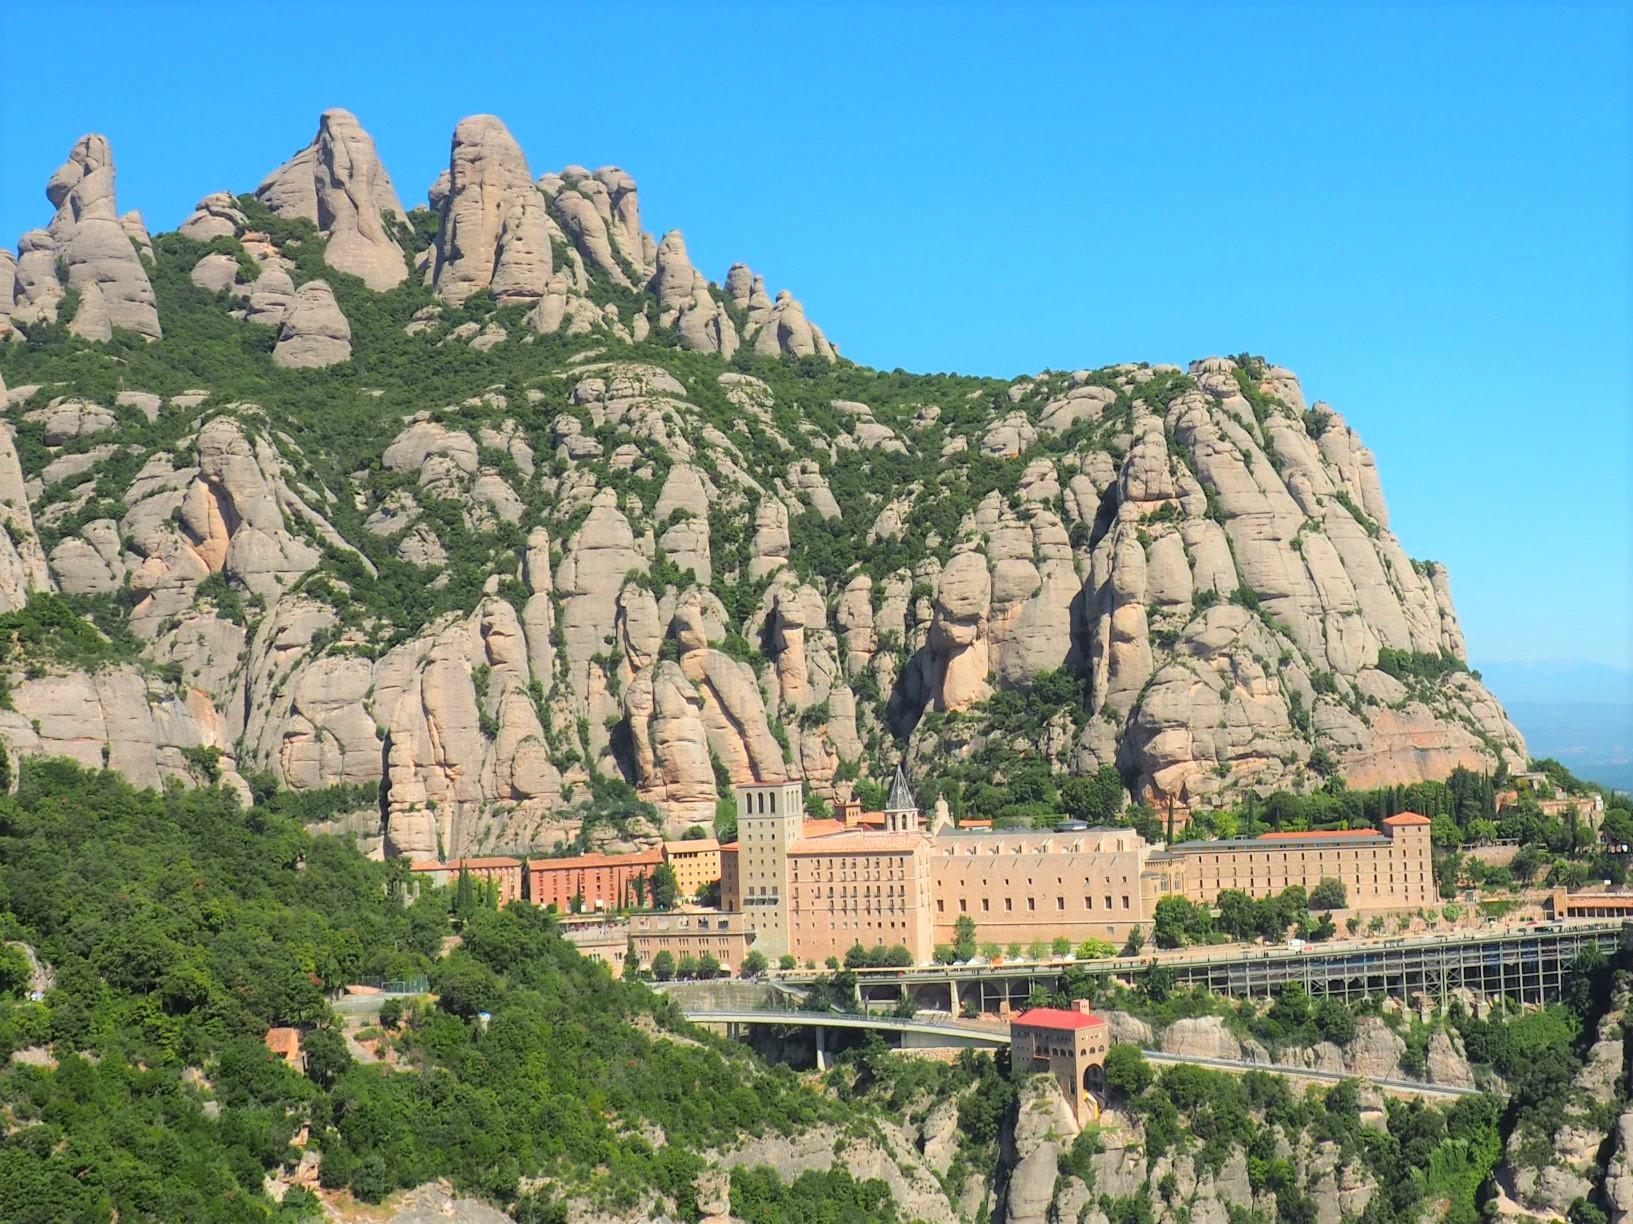 のこぎり山という意味のモンセラットと修道院